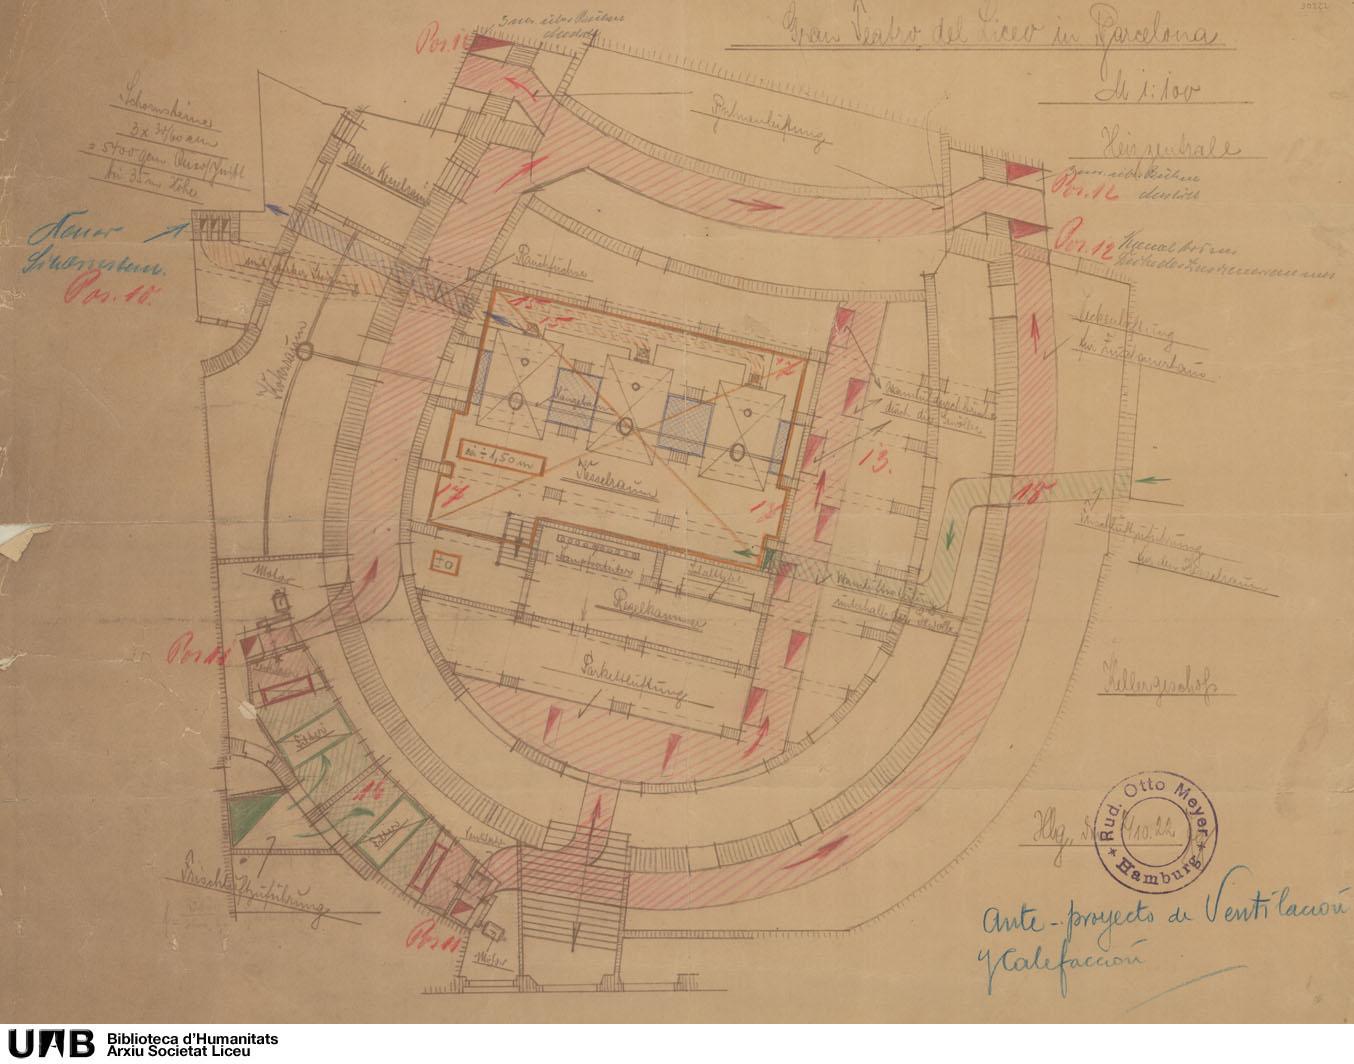 Anteproyecto de calefacción y ventilación : plano del sótano de la platea